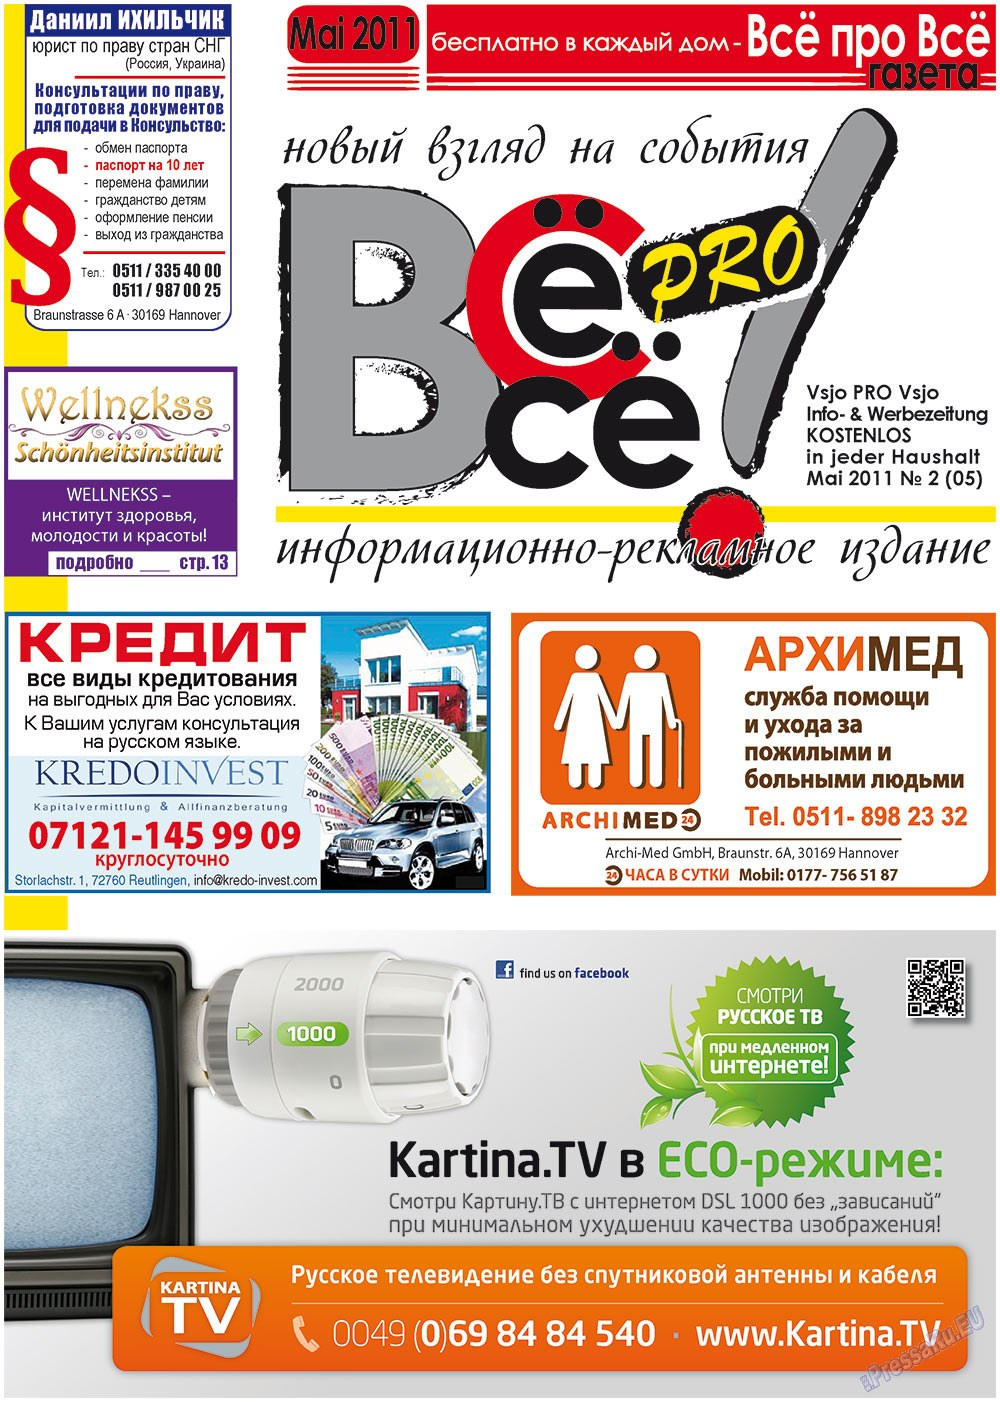 Все pro все (газета). 2011 год, номер 2, стр. 1